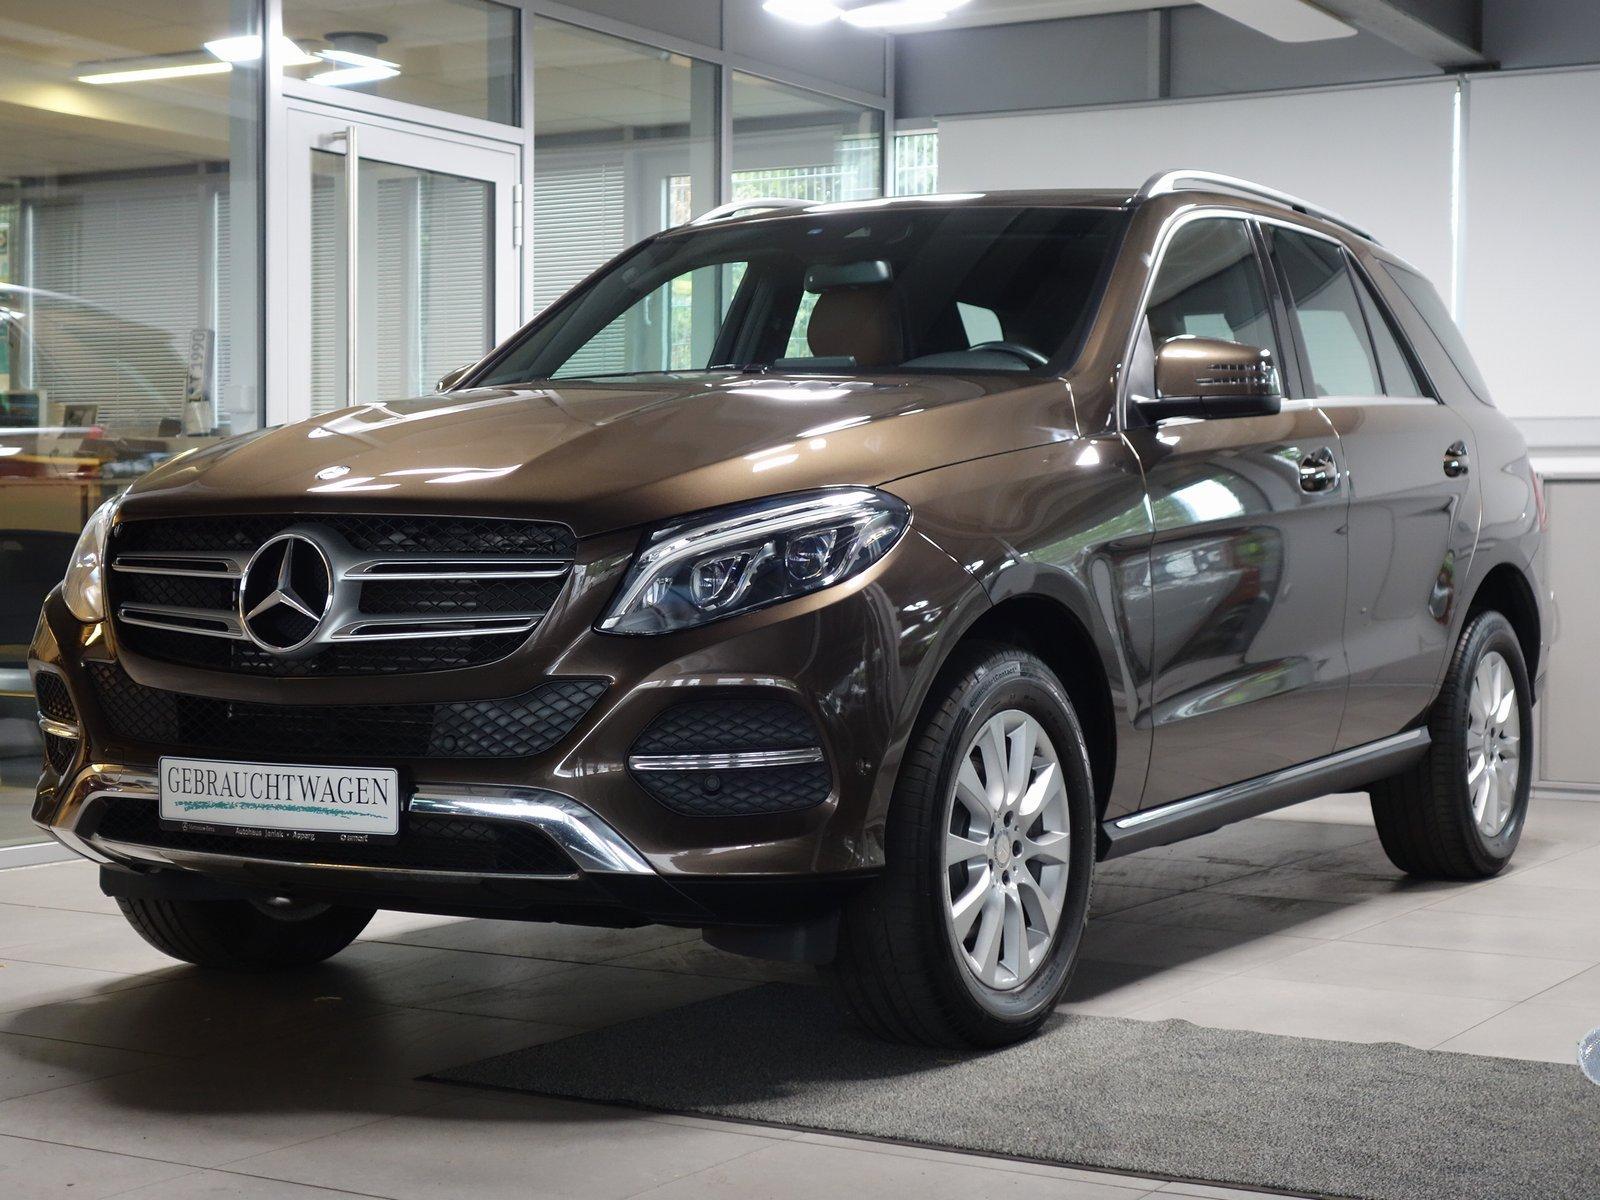 Mercedes-Benz GLE 350d 4M|Comand|Leder|Parktronic&Kamera|Euro6, Jahr 2016, Diesel